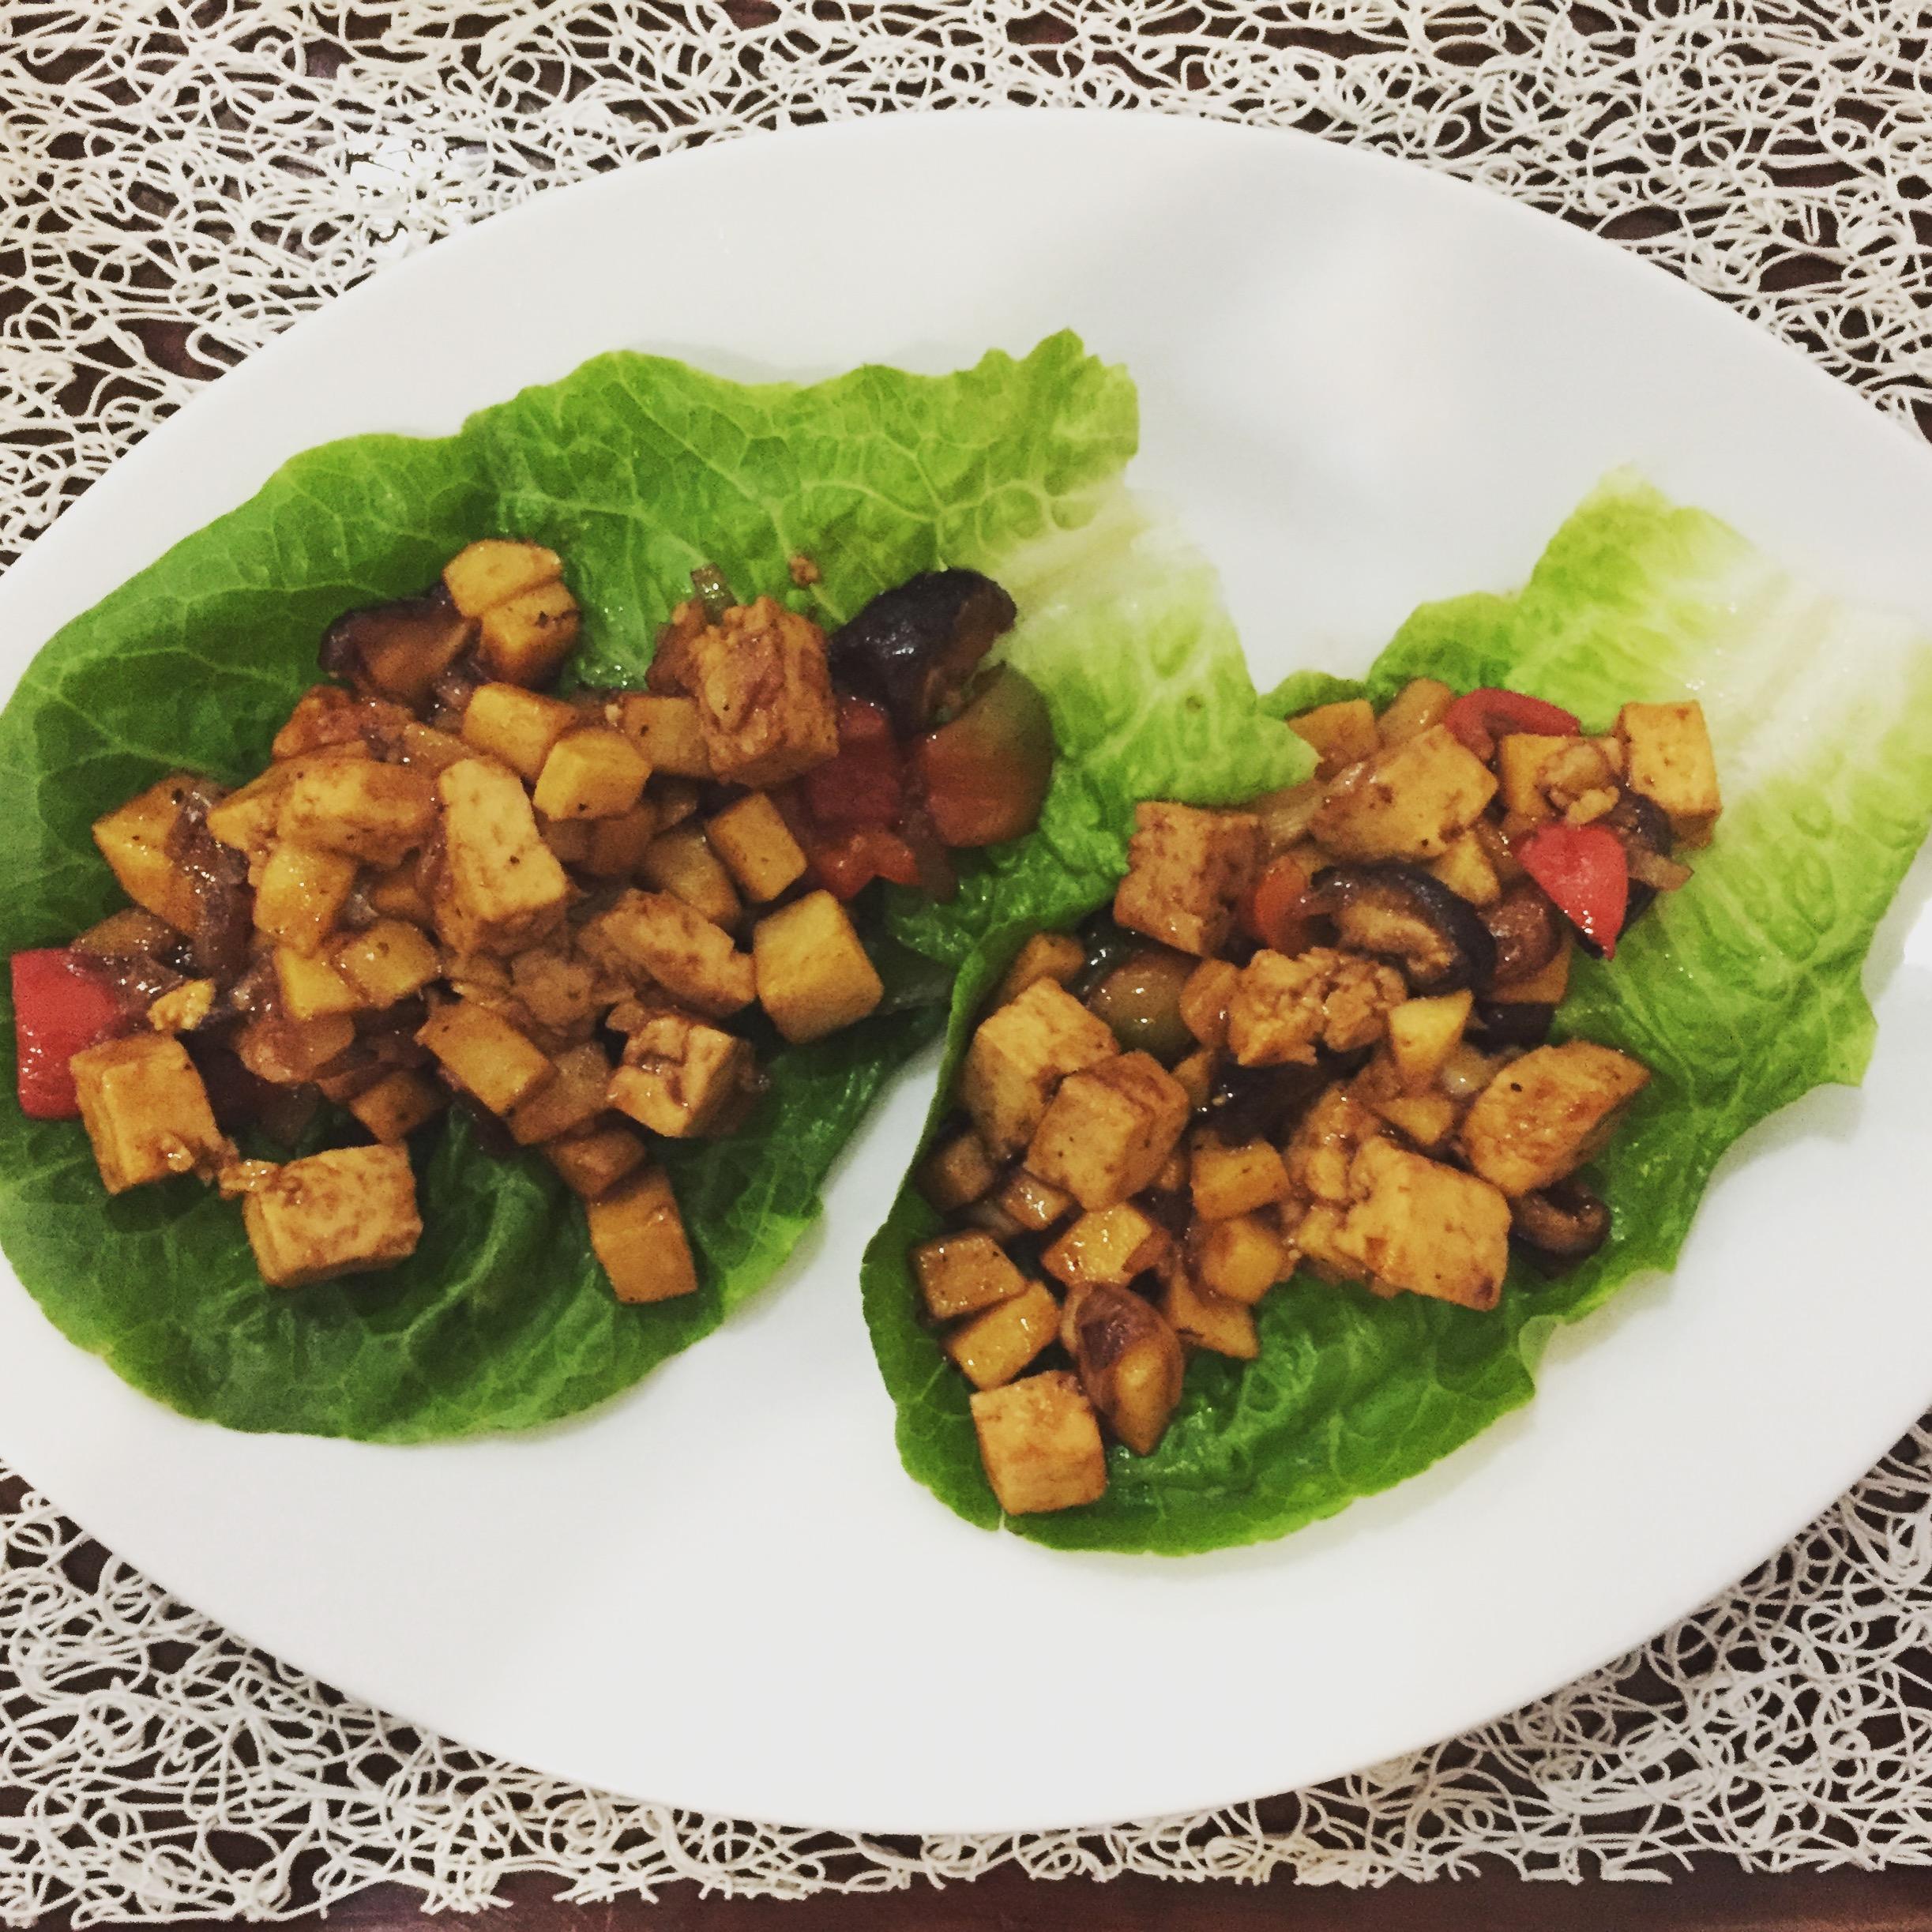 lettuce-wraps.JPG